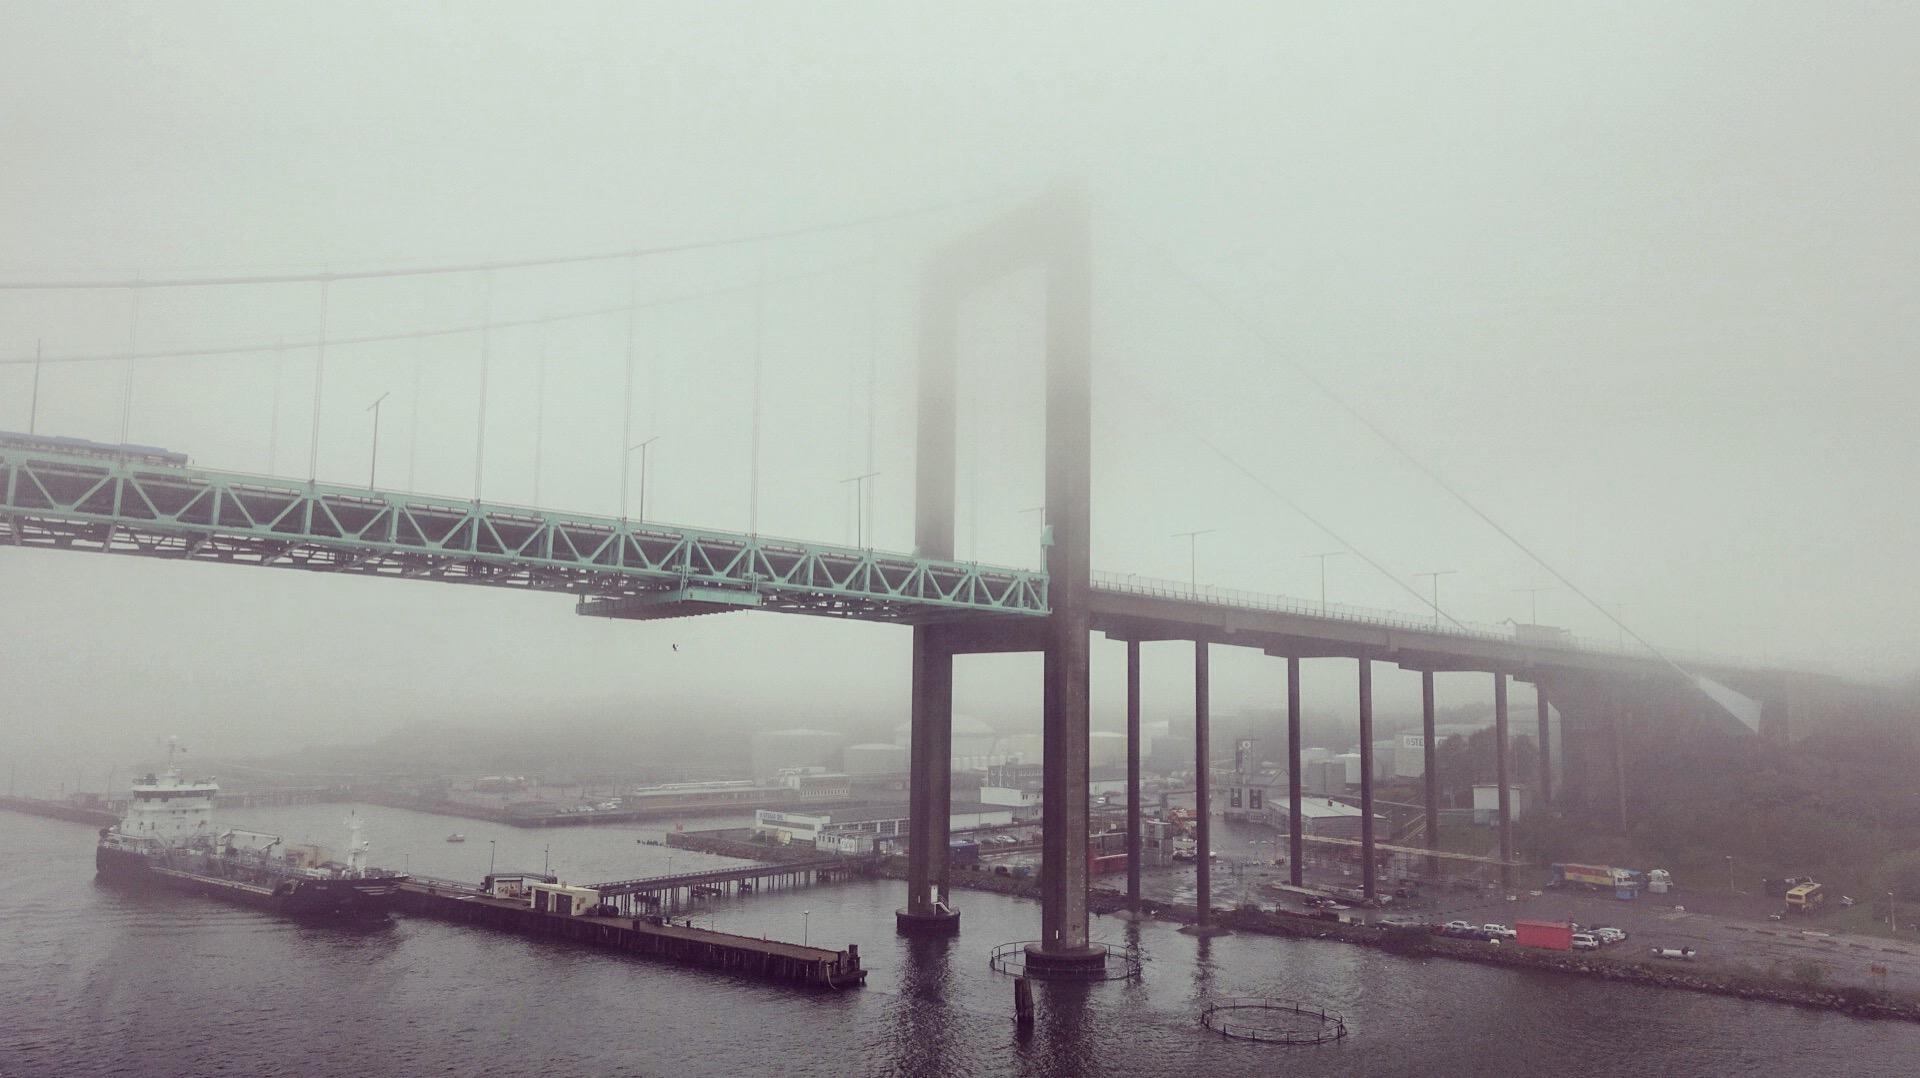 Göteborg Älvsborgsbron Hafenbrücke